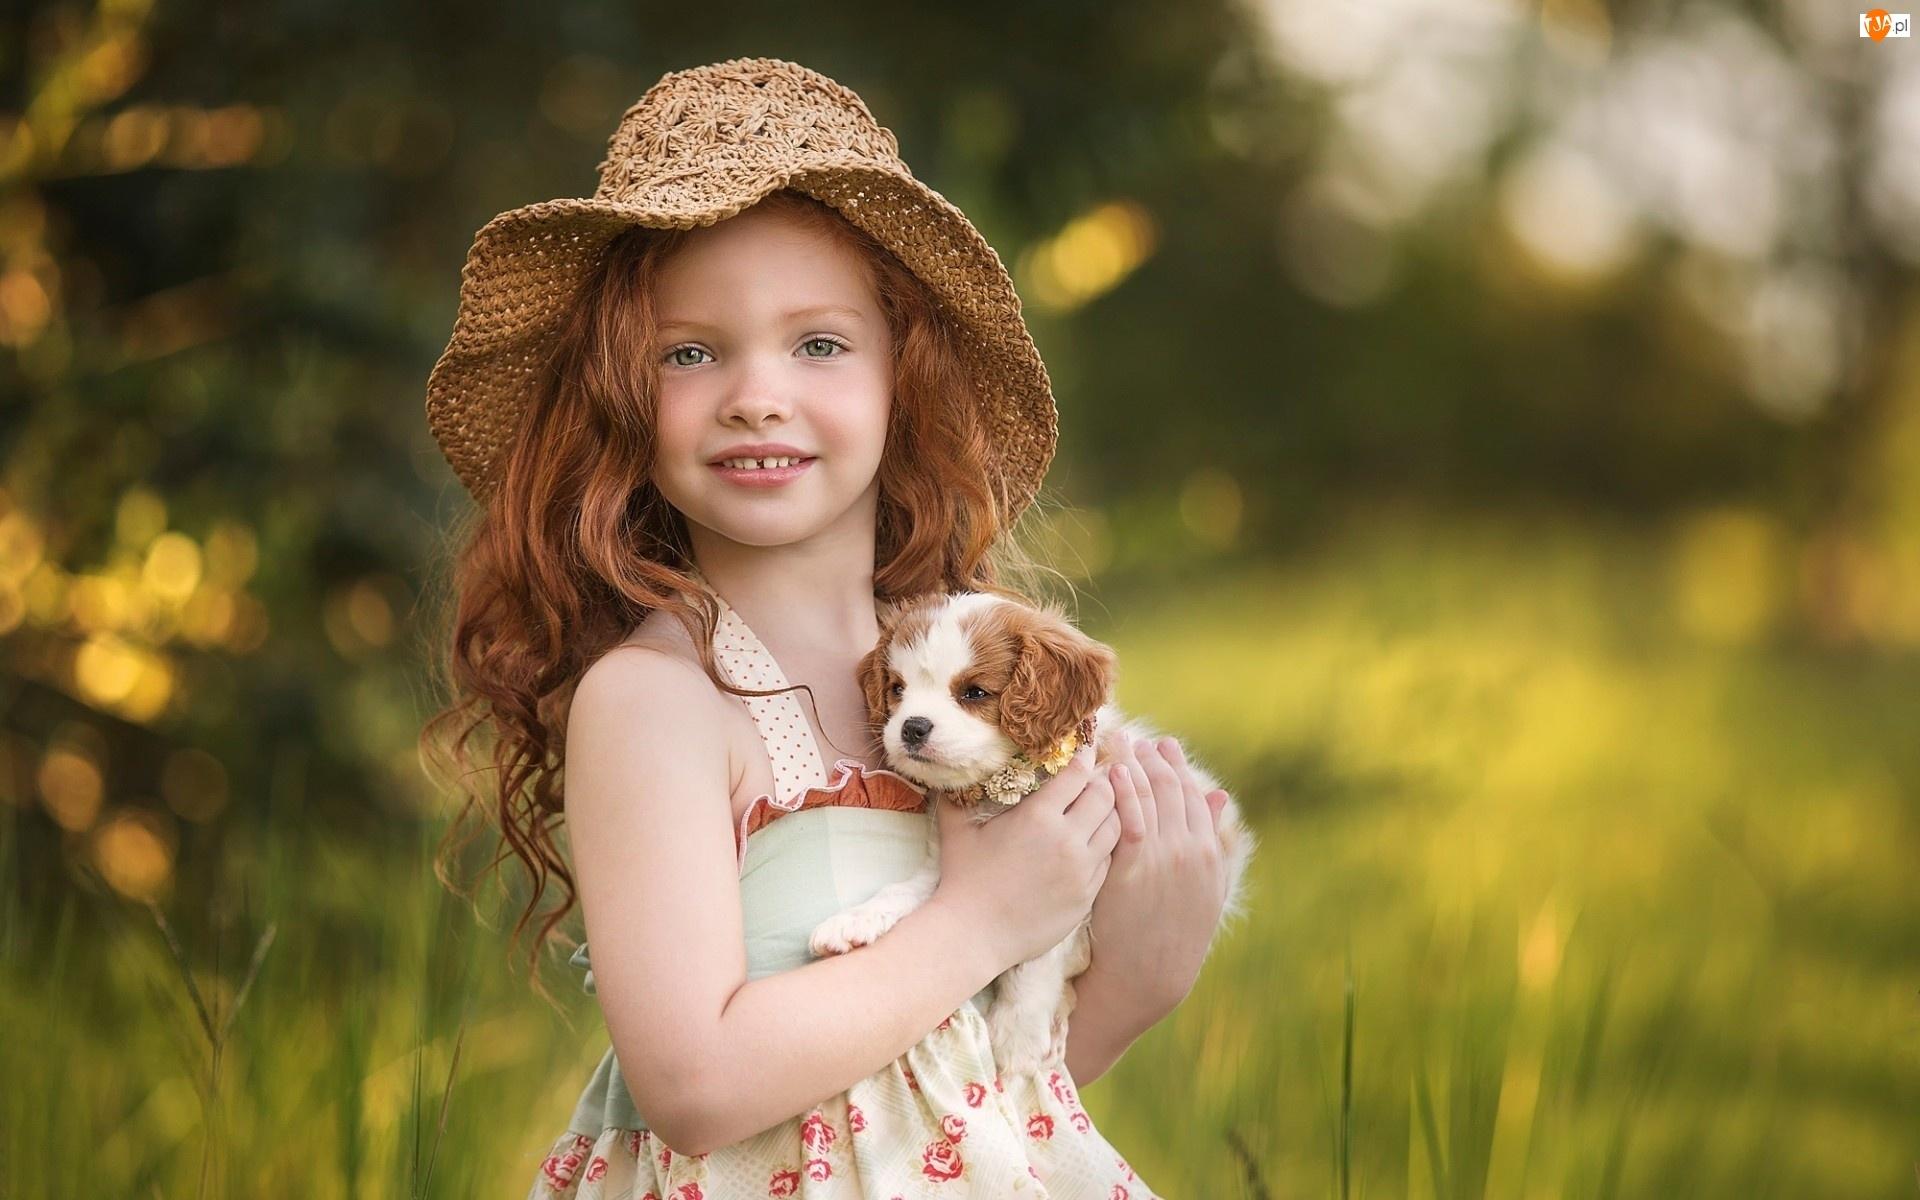 Фото девушки с маленькими, Маленькая грудьфото. Девушки с натуральной 16 фотография